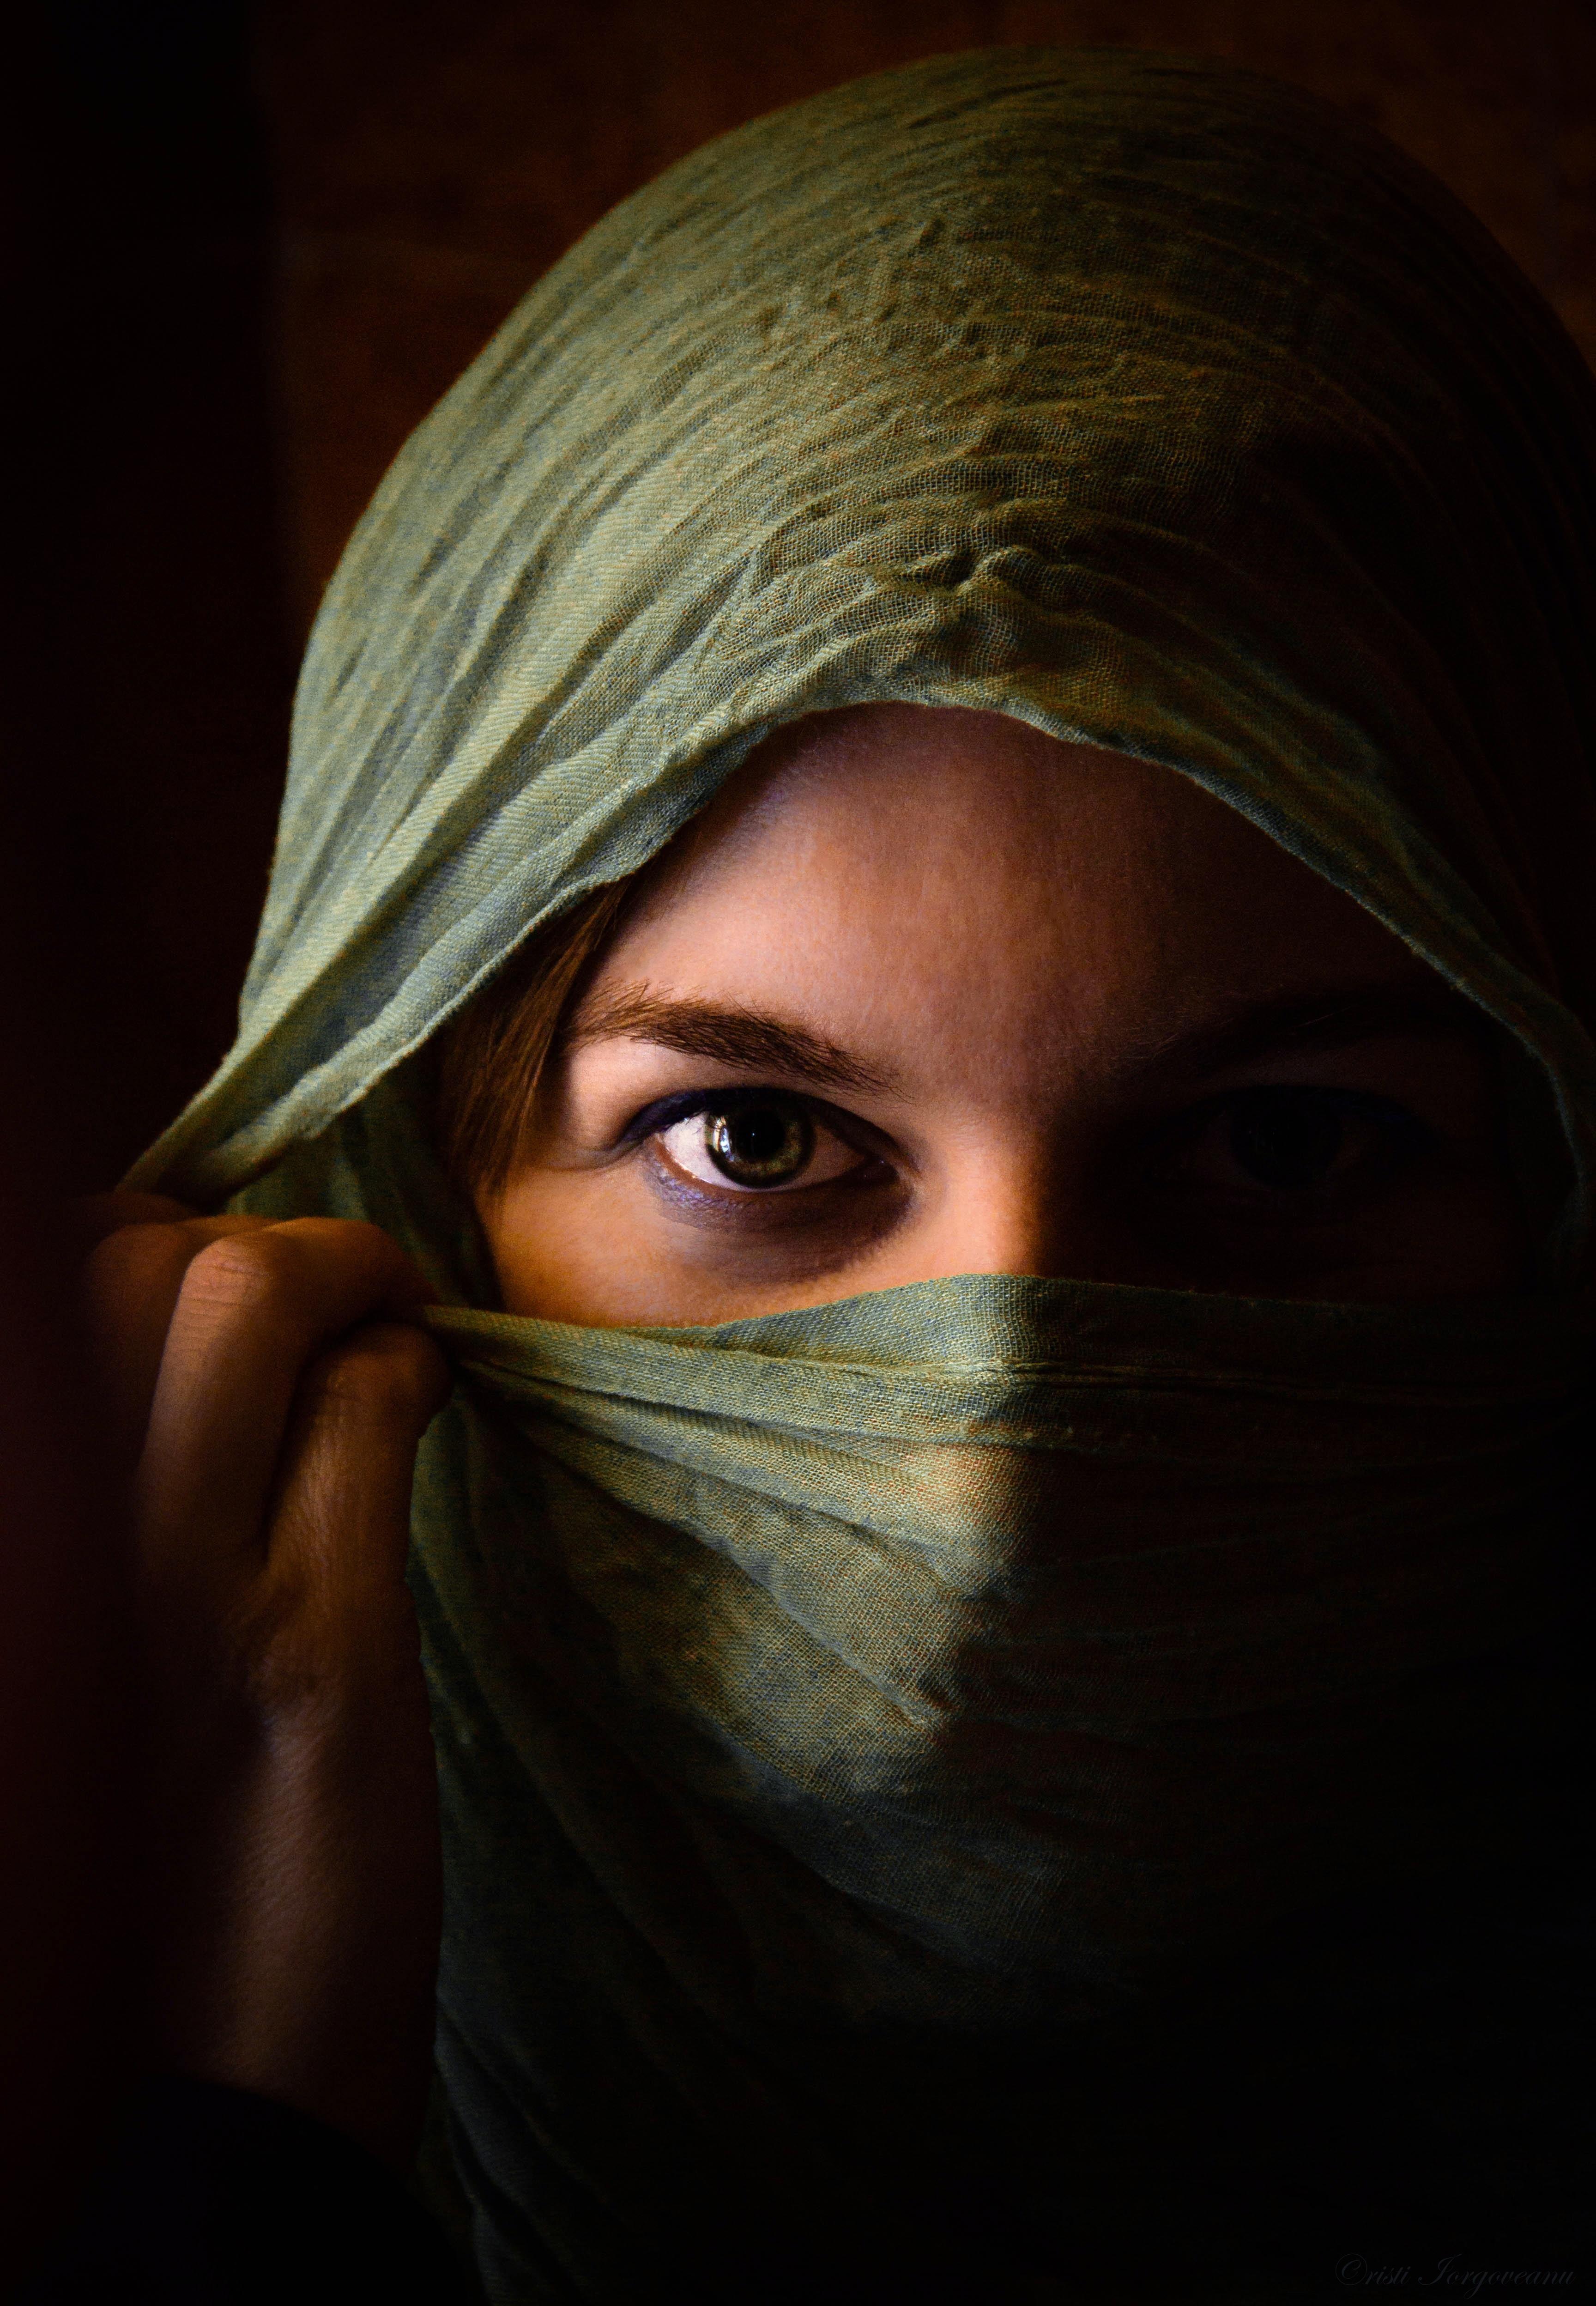 Banco de imagens : menina, mulher, cabelo, fotografia ... - photo#21